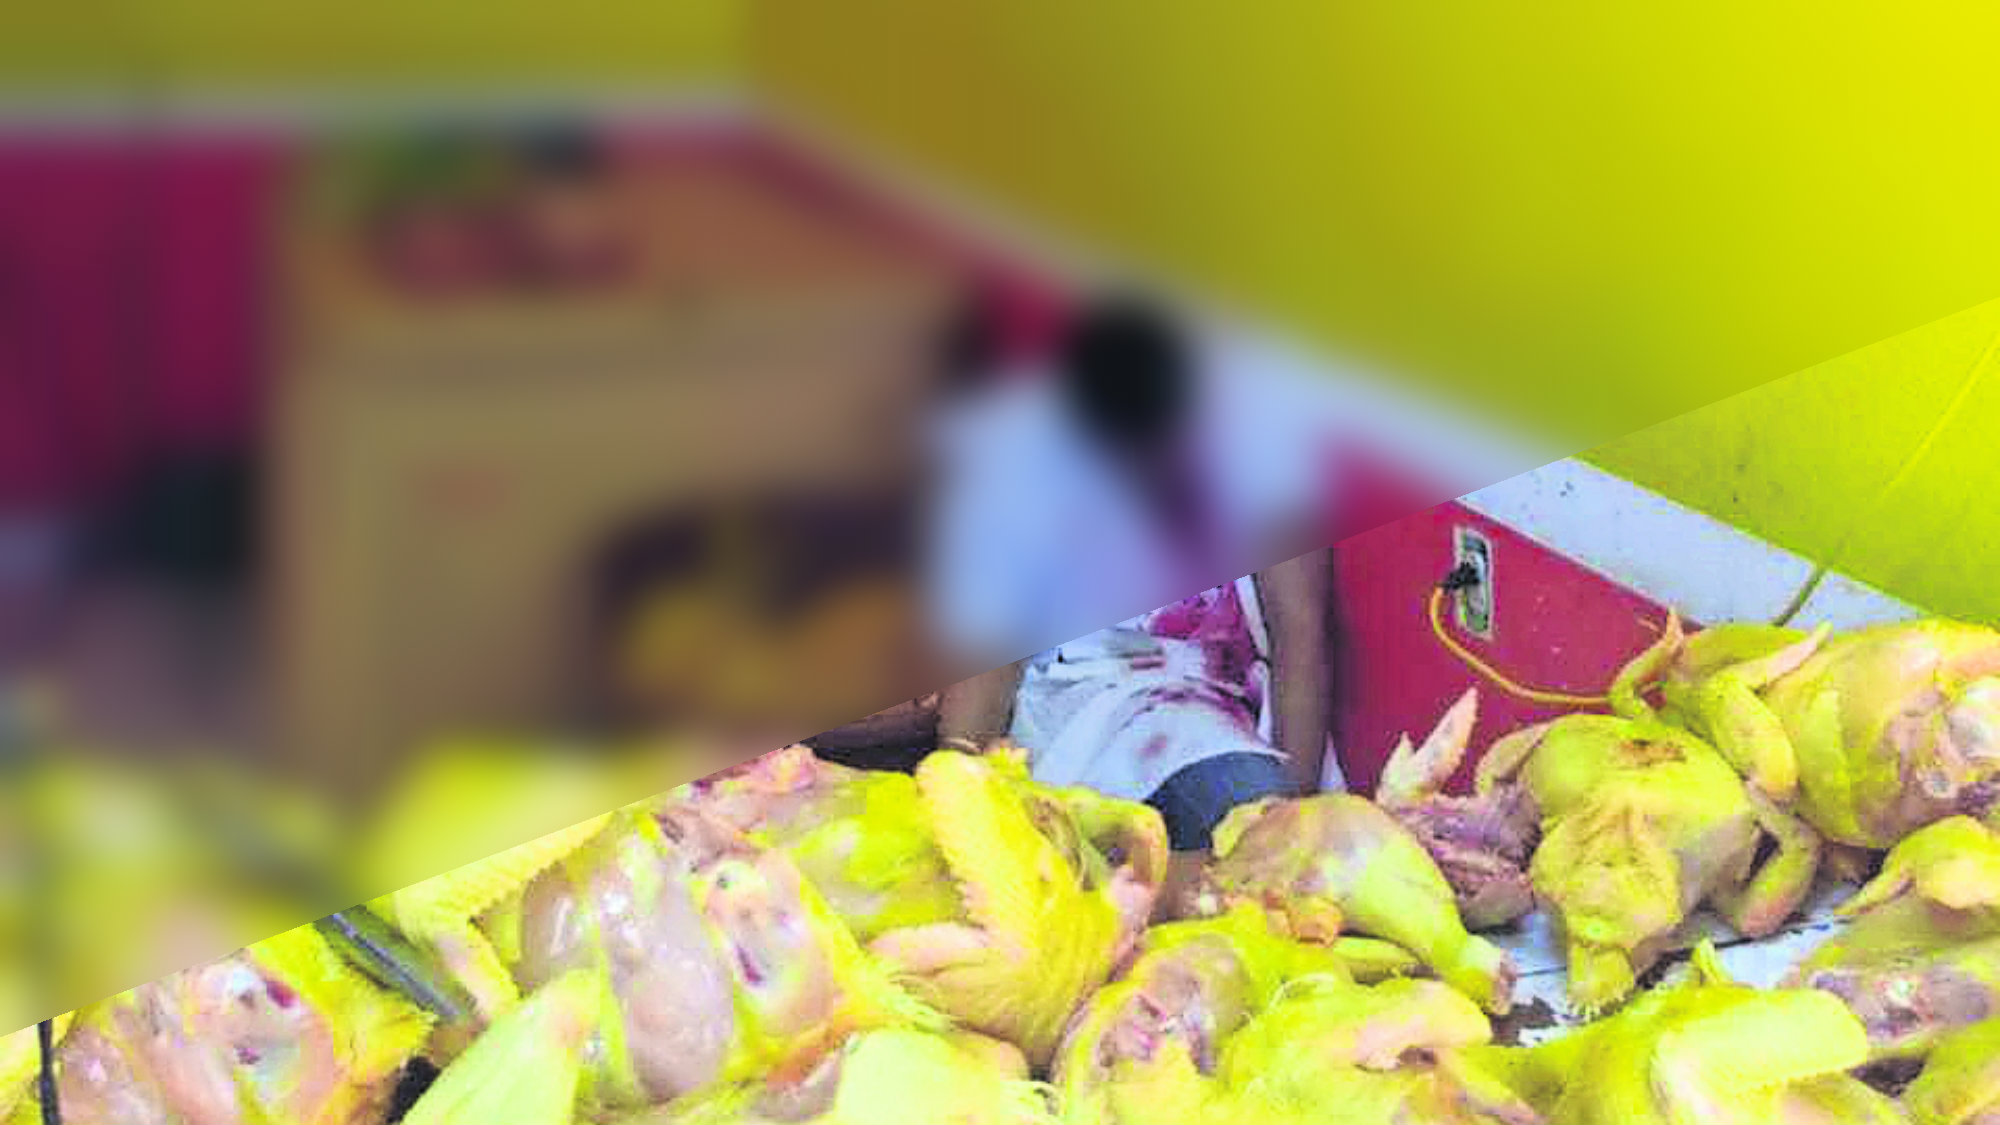 Asesinan a pollero Homicida en pollería Edomex Amecameca